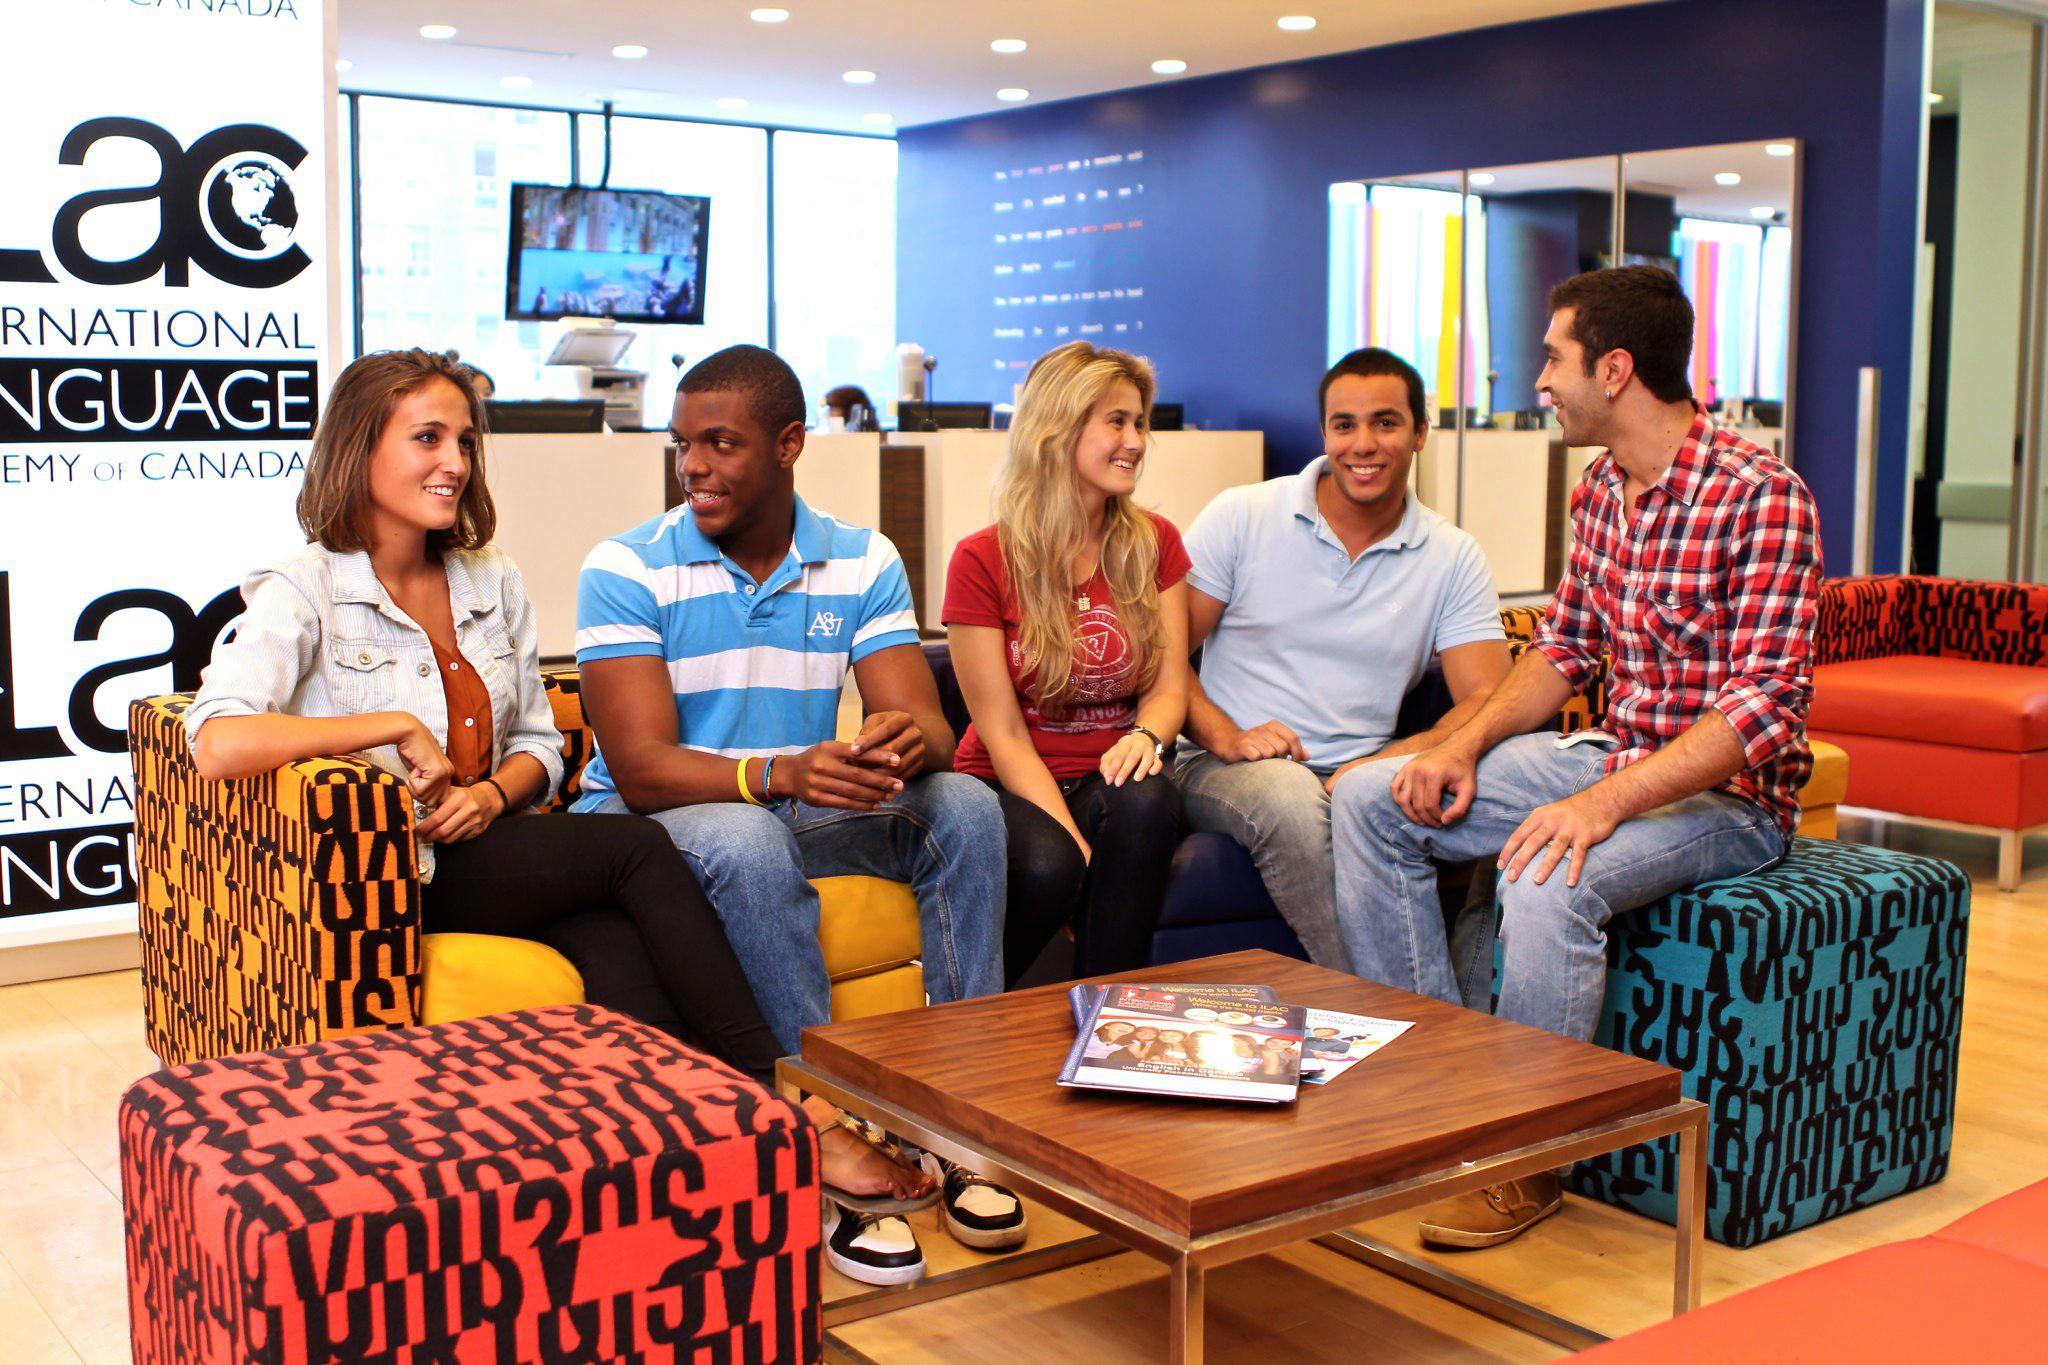 【大学生の休学カナダ留学】4,9月から6ヶ月以上の長期留学者向け